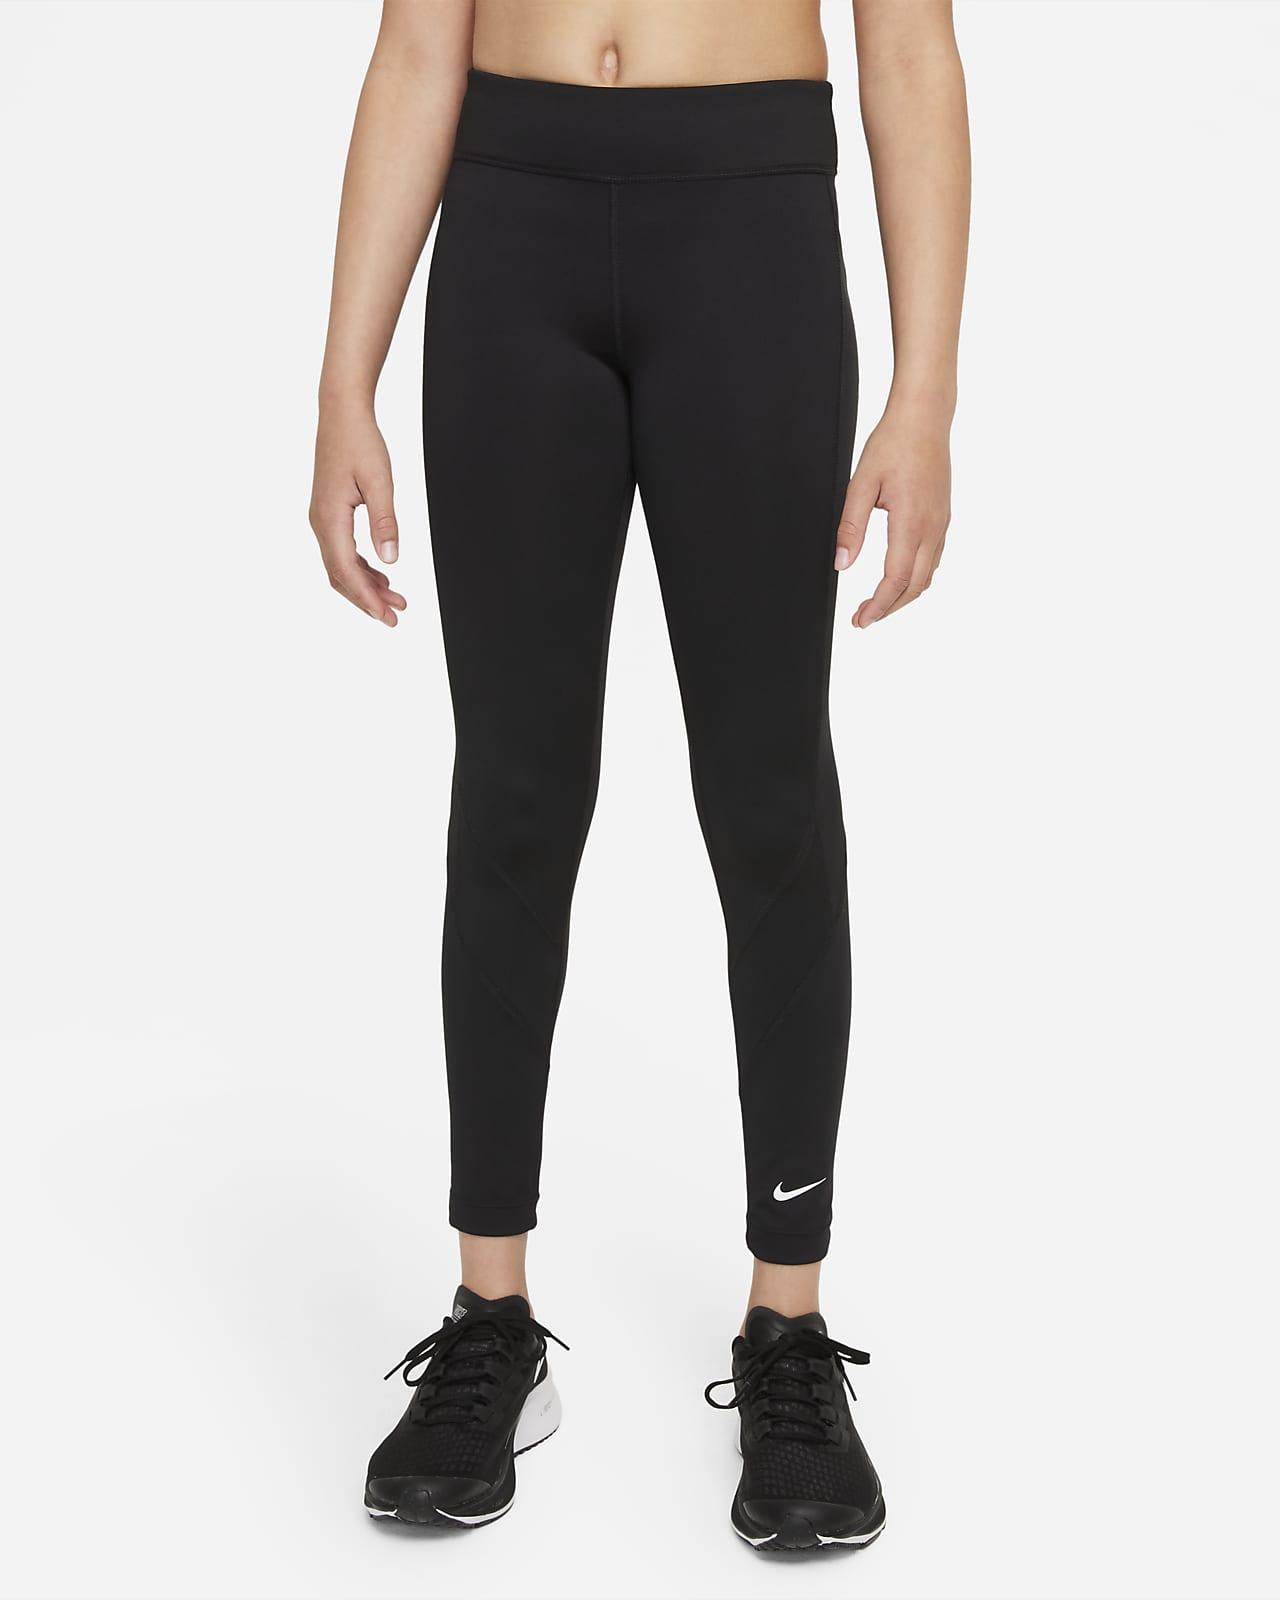 Nike Dri-FIT One 大童 (女童) 內搭褲